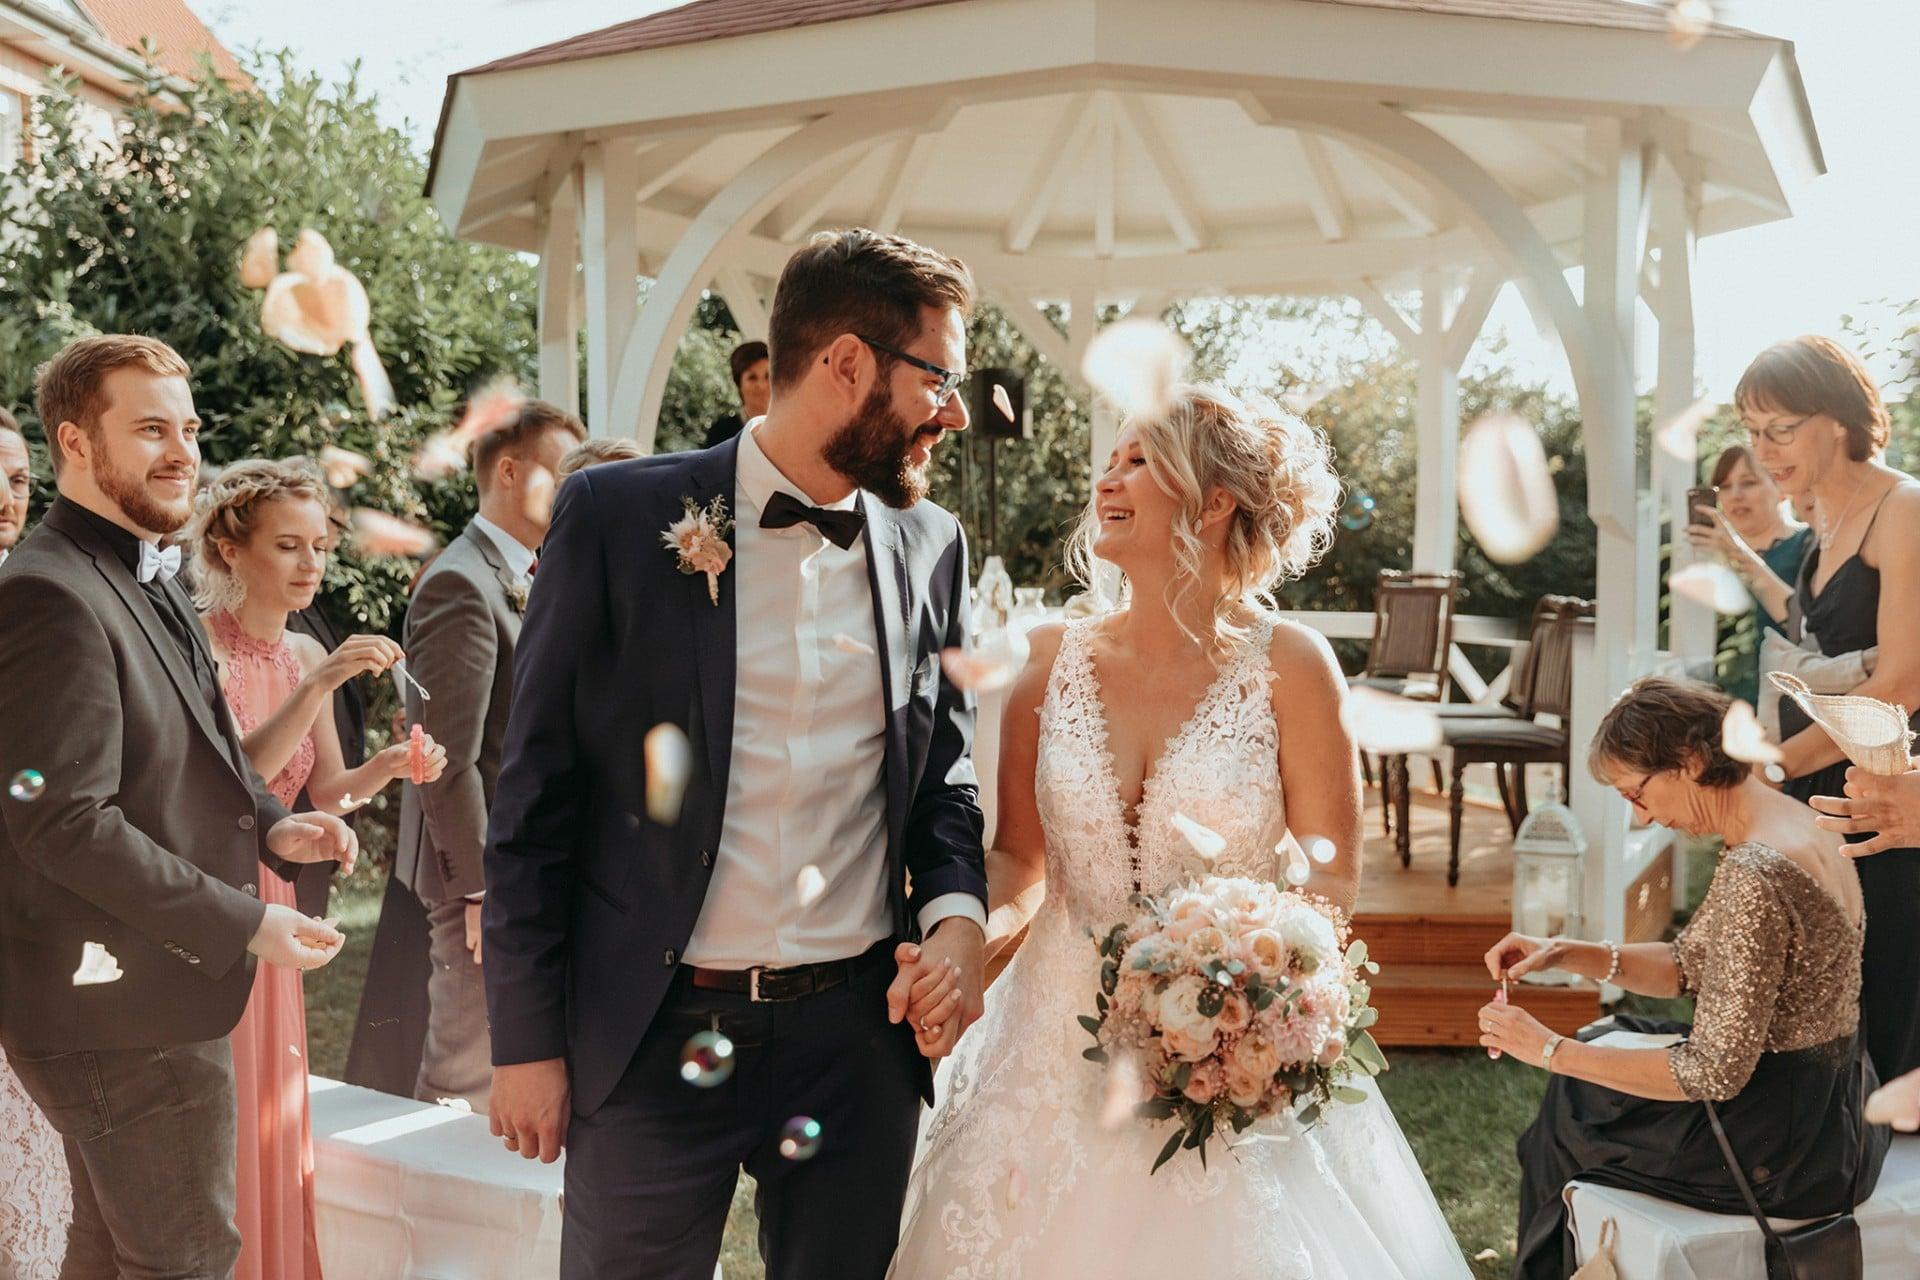 1273-DUC-THIEN-PHOTOGRAPHY-Hochzeitsfotos-JpIxHCBG